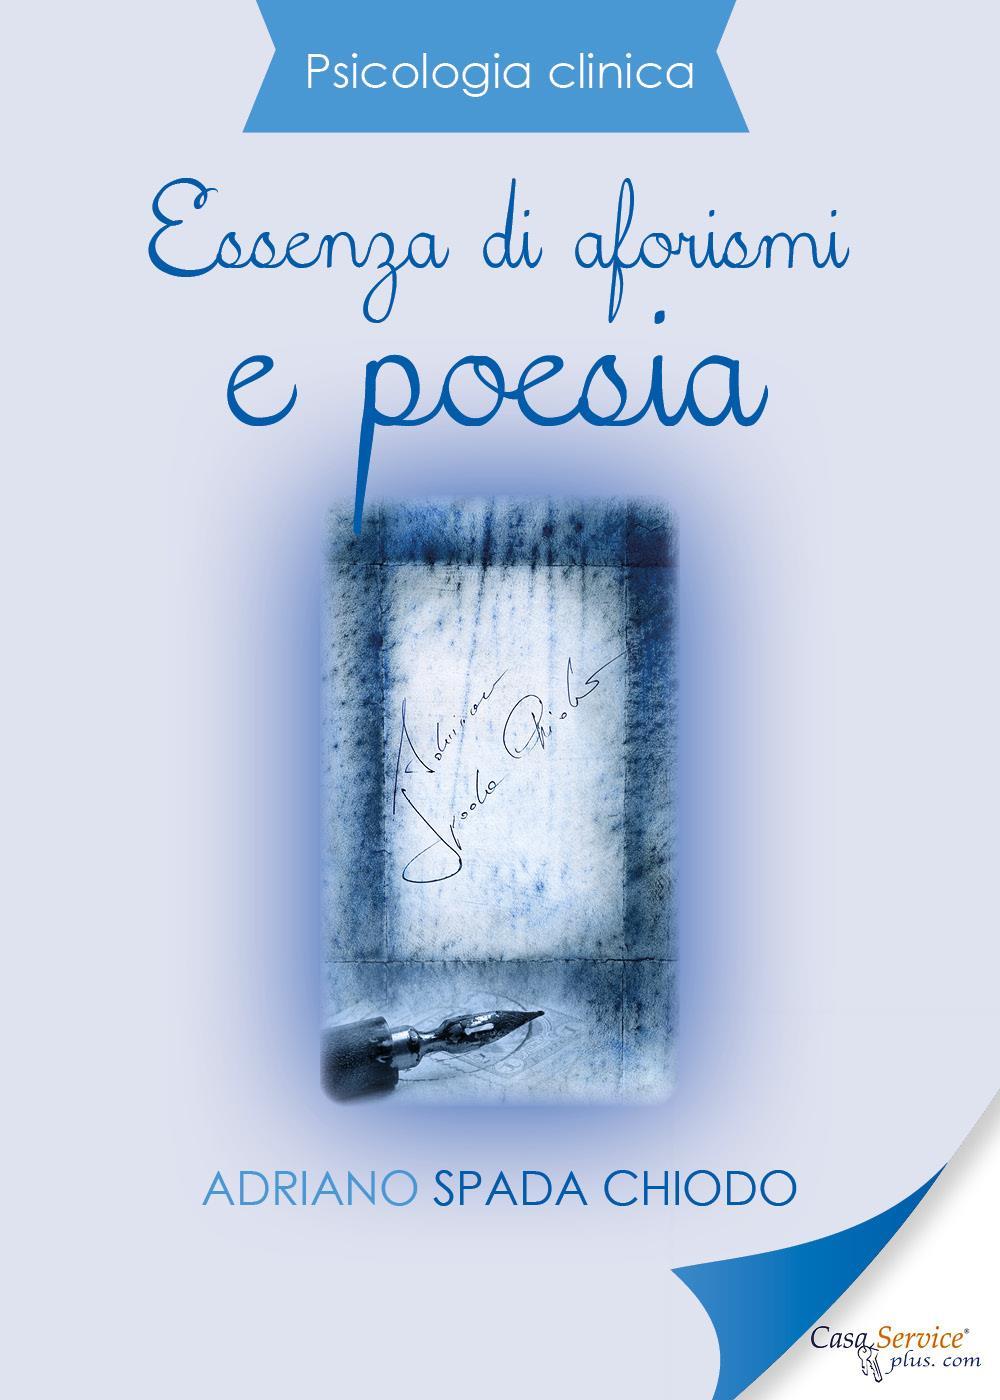 Psicologia Clinica - Essenza di aforismi e poesia